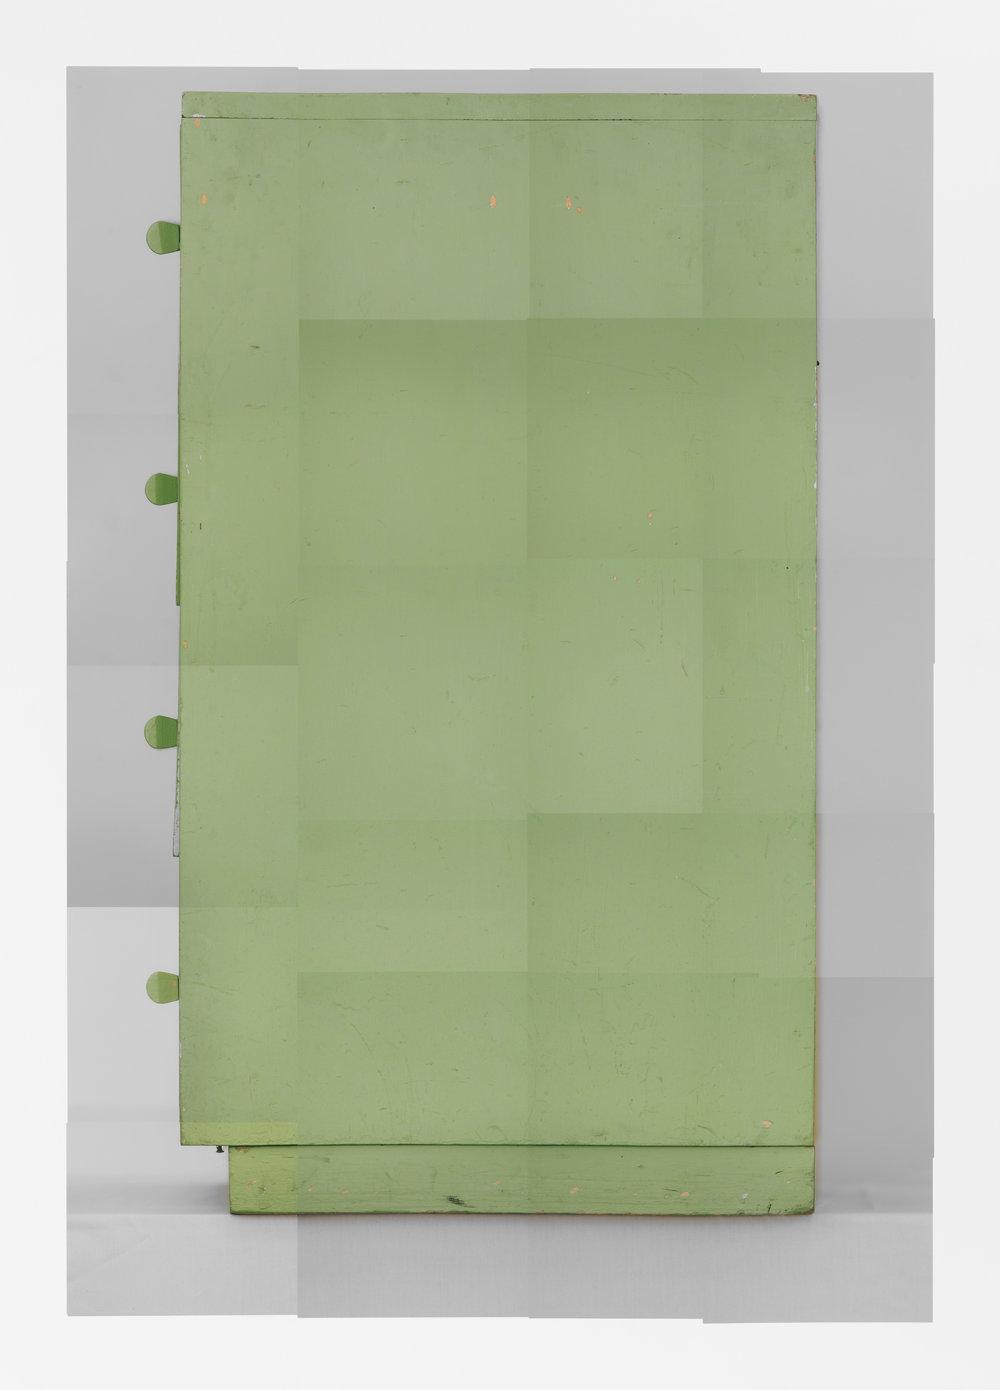 A Green Dresser, 2006